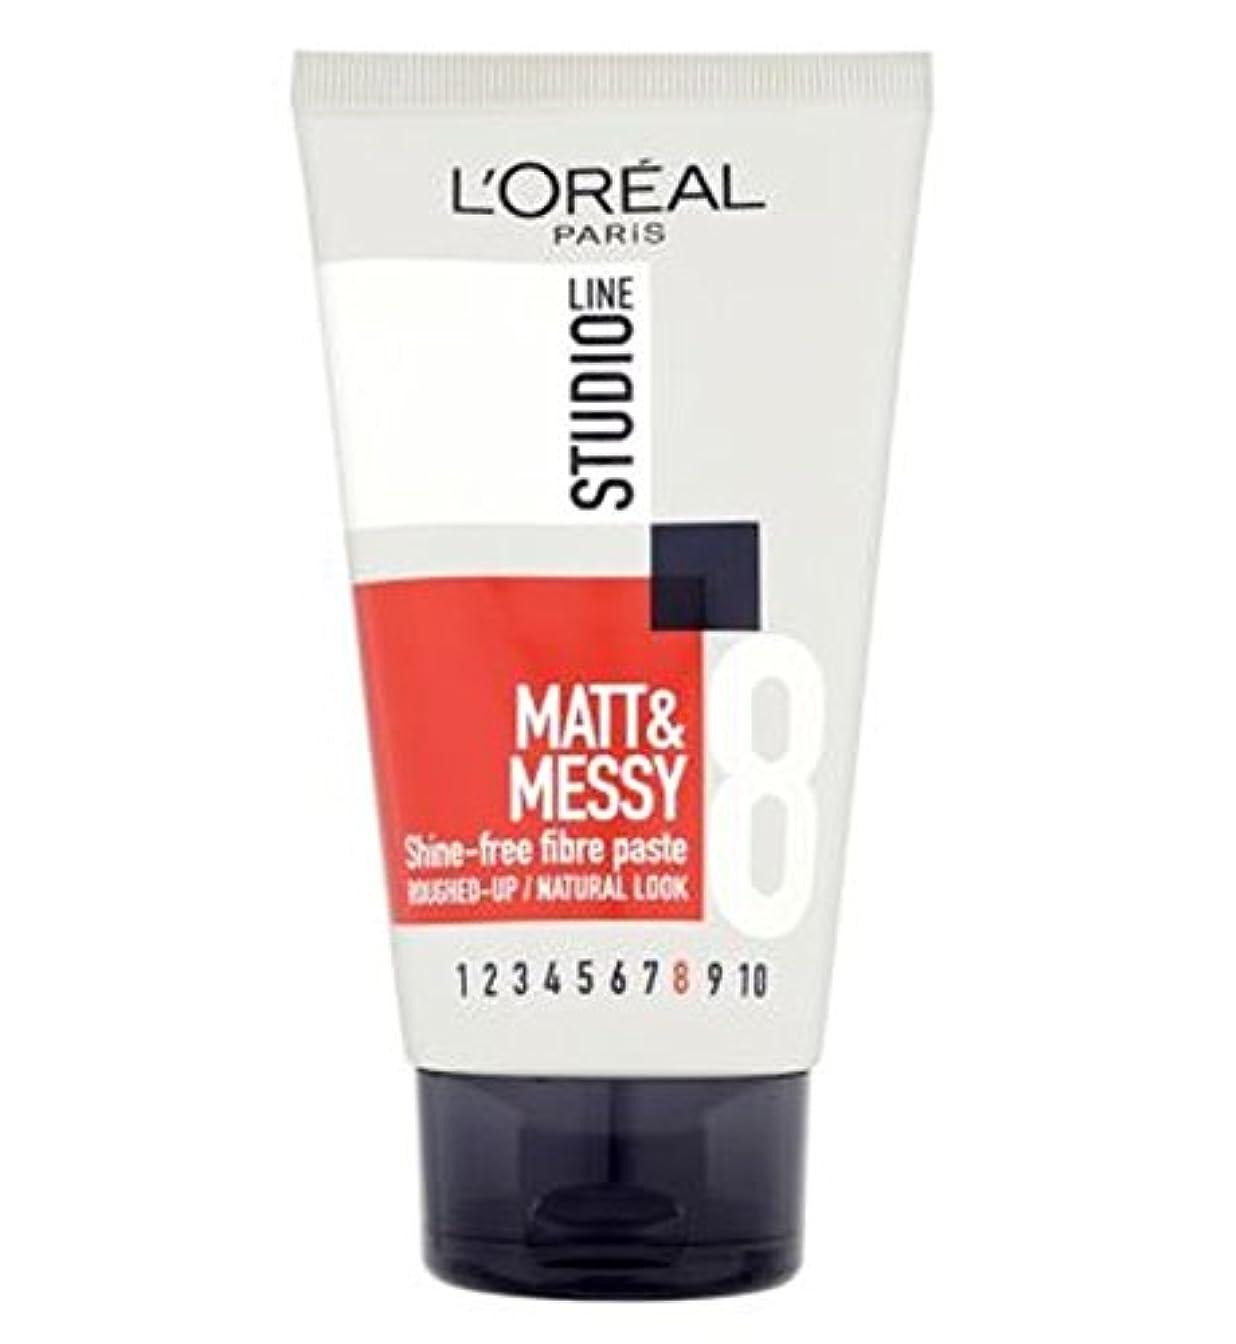 カニくちばし出力L'Oreallスタジオラインマット&厄介な輝きのない繊維ペースト150ミリリットル (L'Oreal) (x2) - L'Oreall Studio Line Matt & Messy Shine-Free Fibre Paste 150ml (Pack of 2) [並行輸入品]